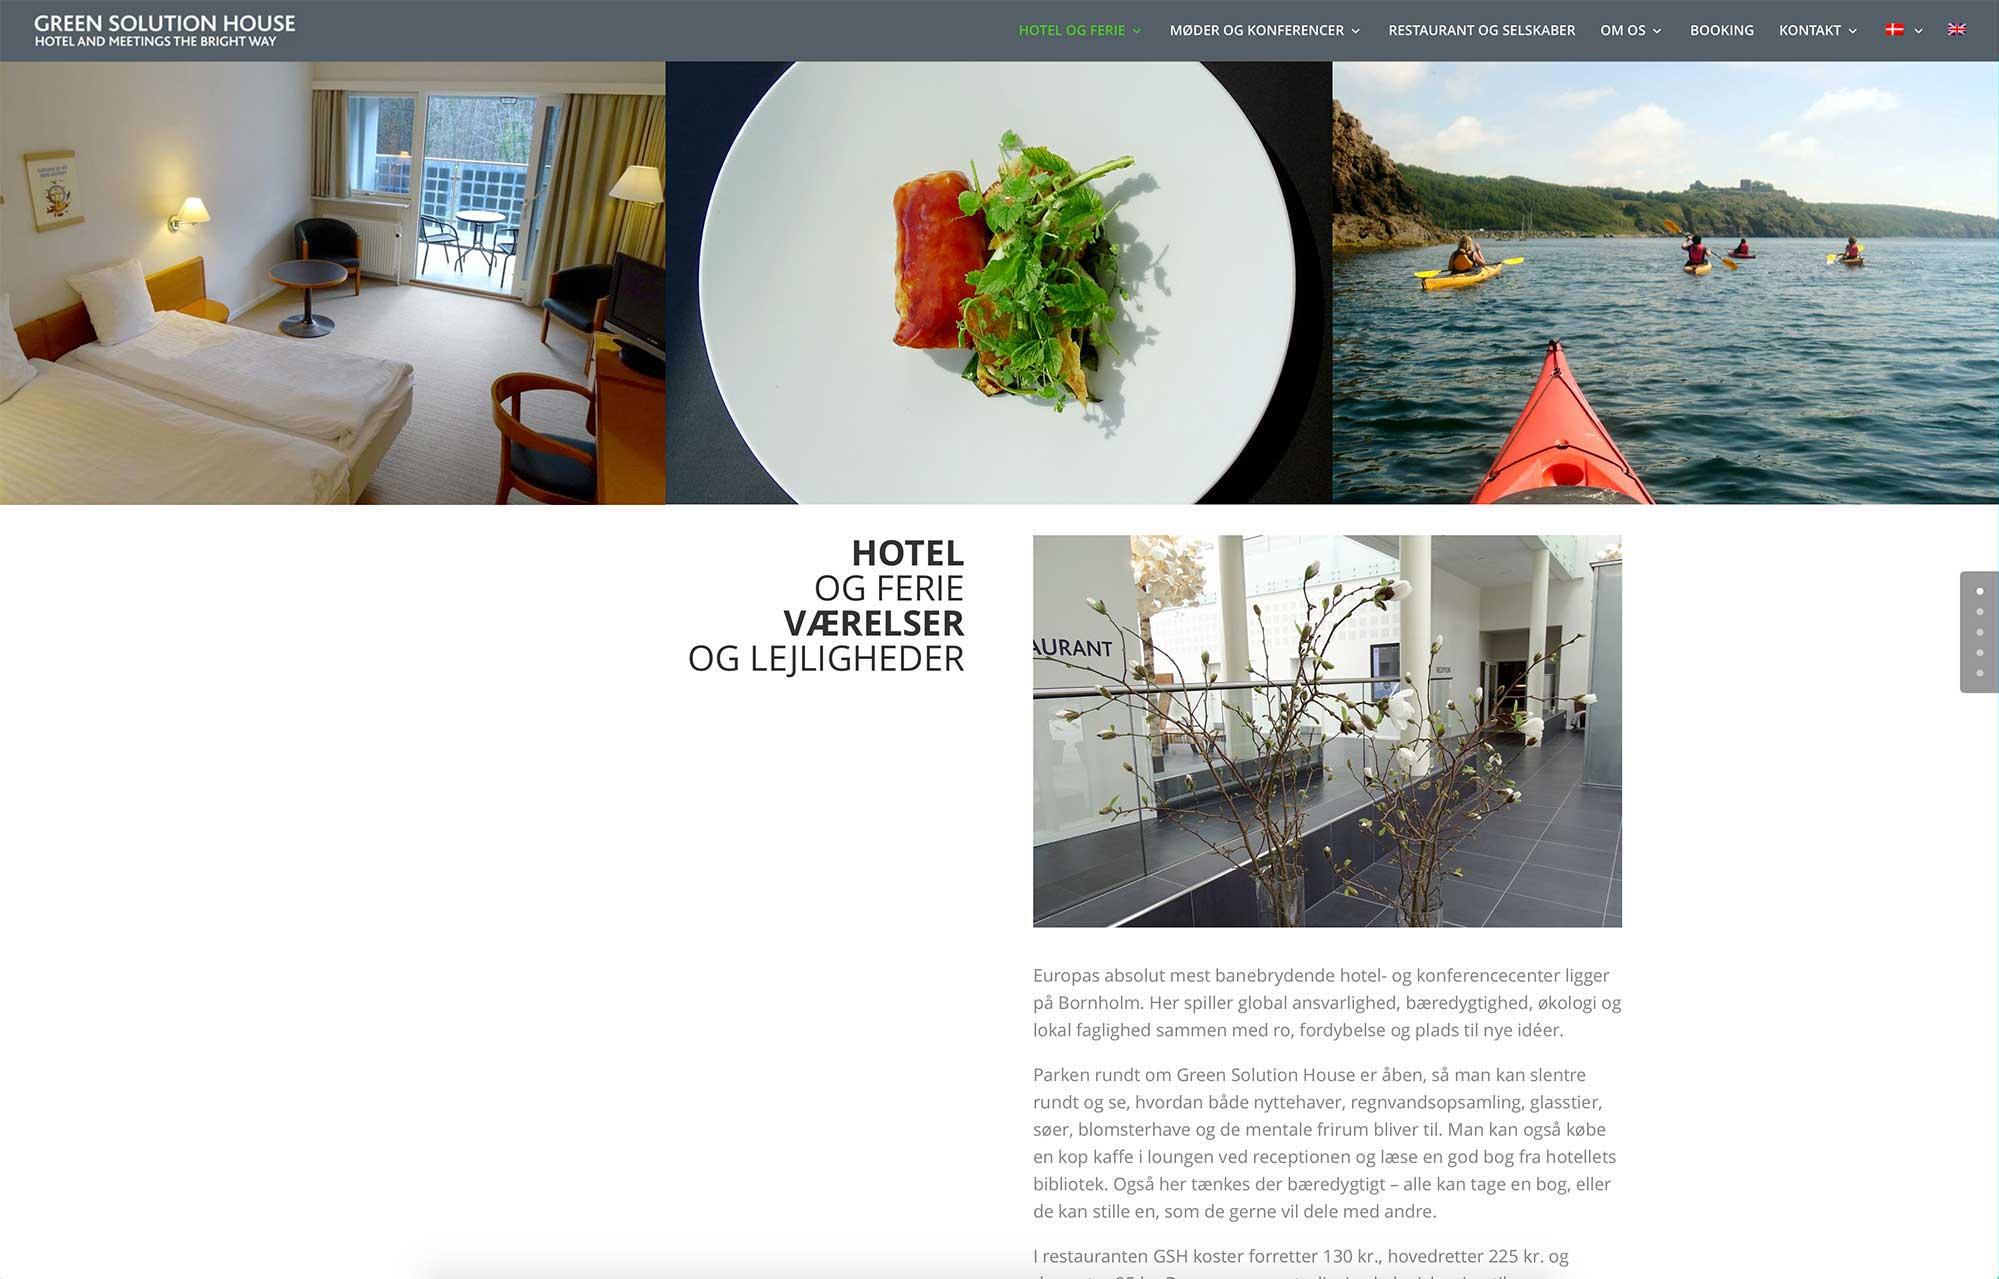 GSH-hjemmeside2